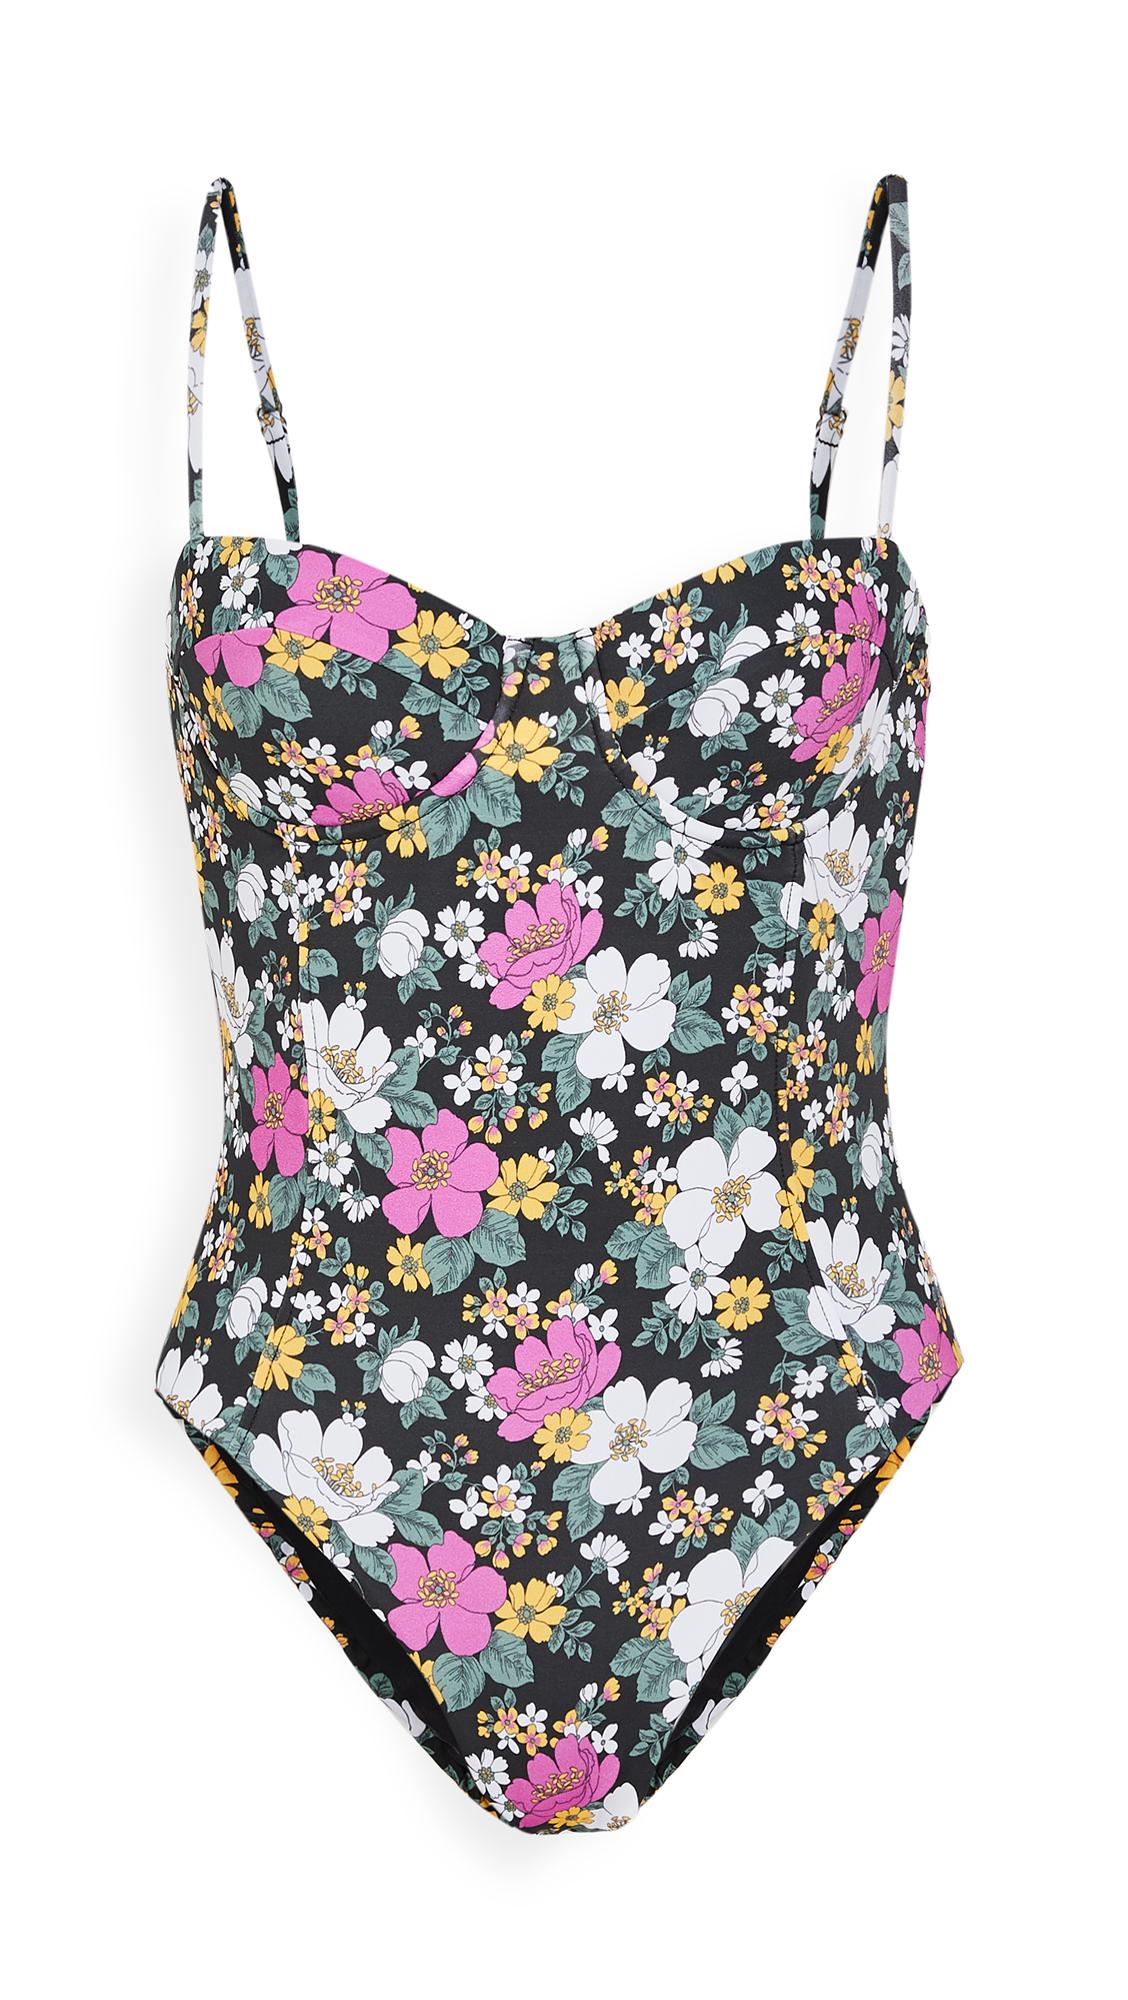 Veronica Beard Bridge Swimsuit